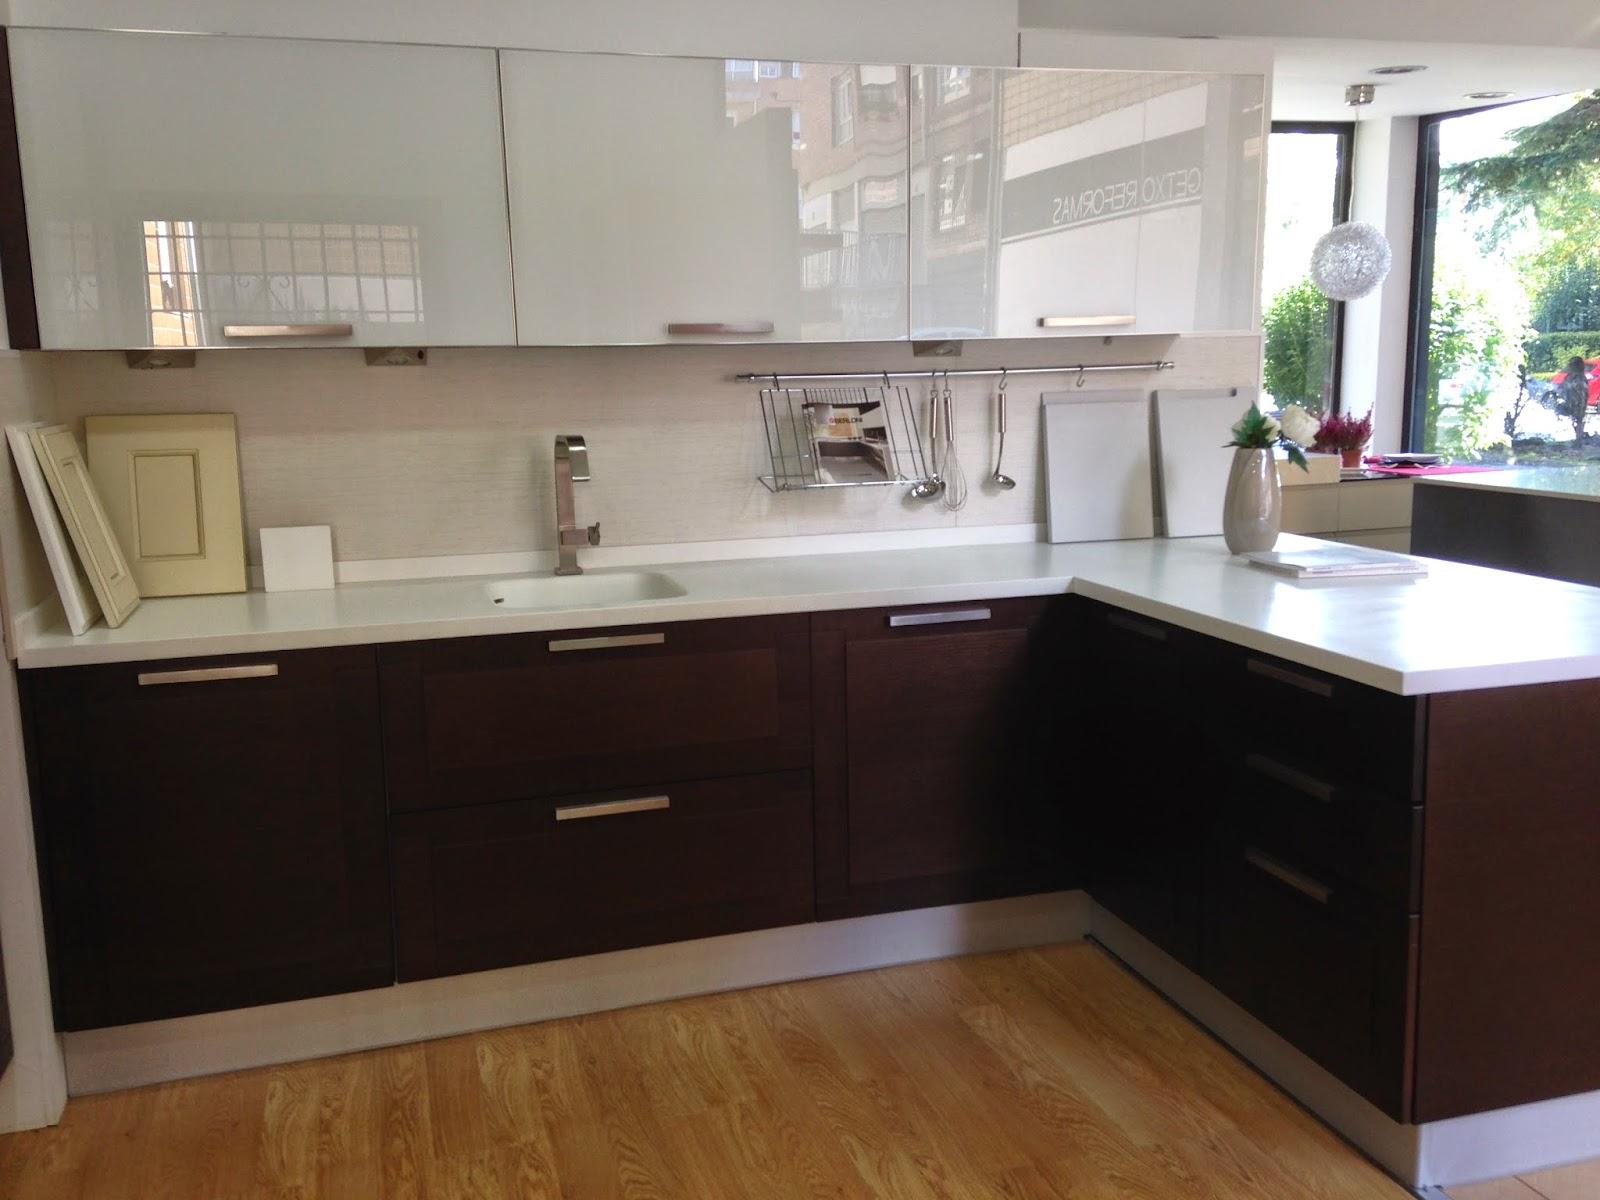 Precios especiales en muebles de cocina por cambio de for Muebles precios